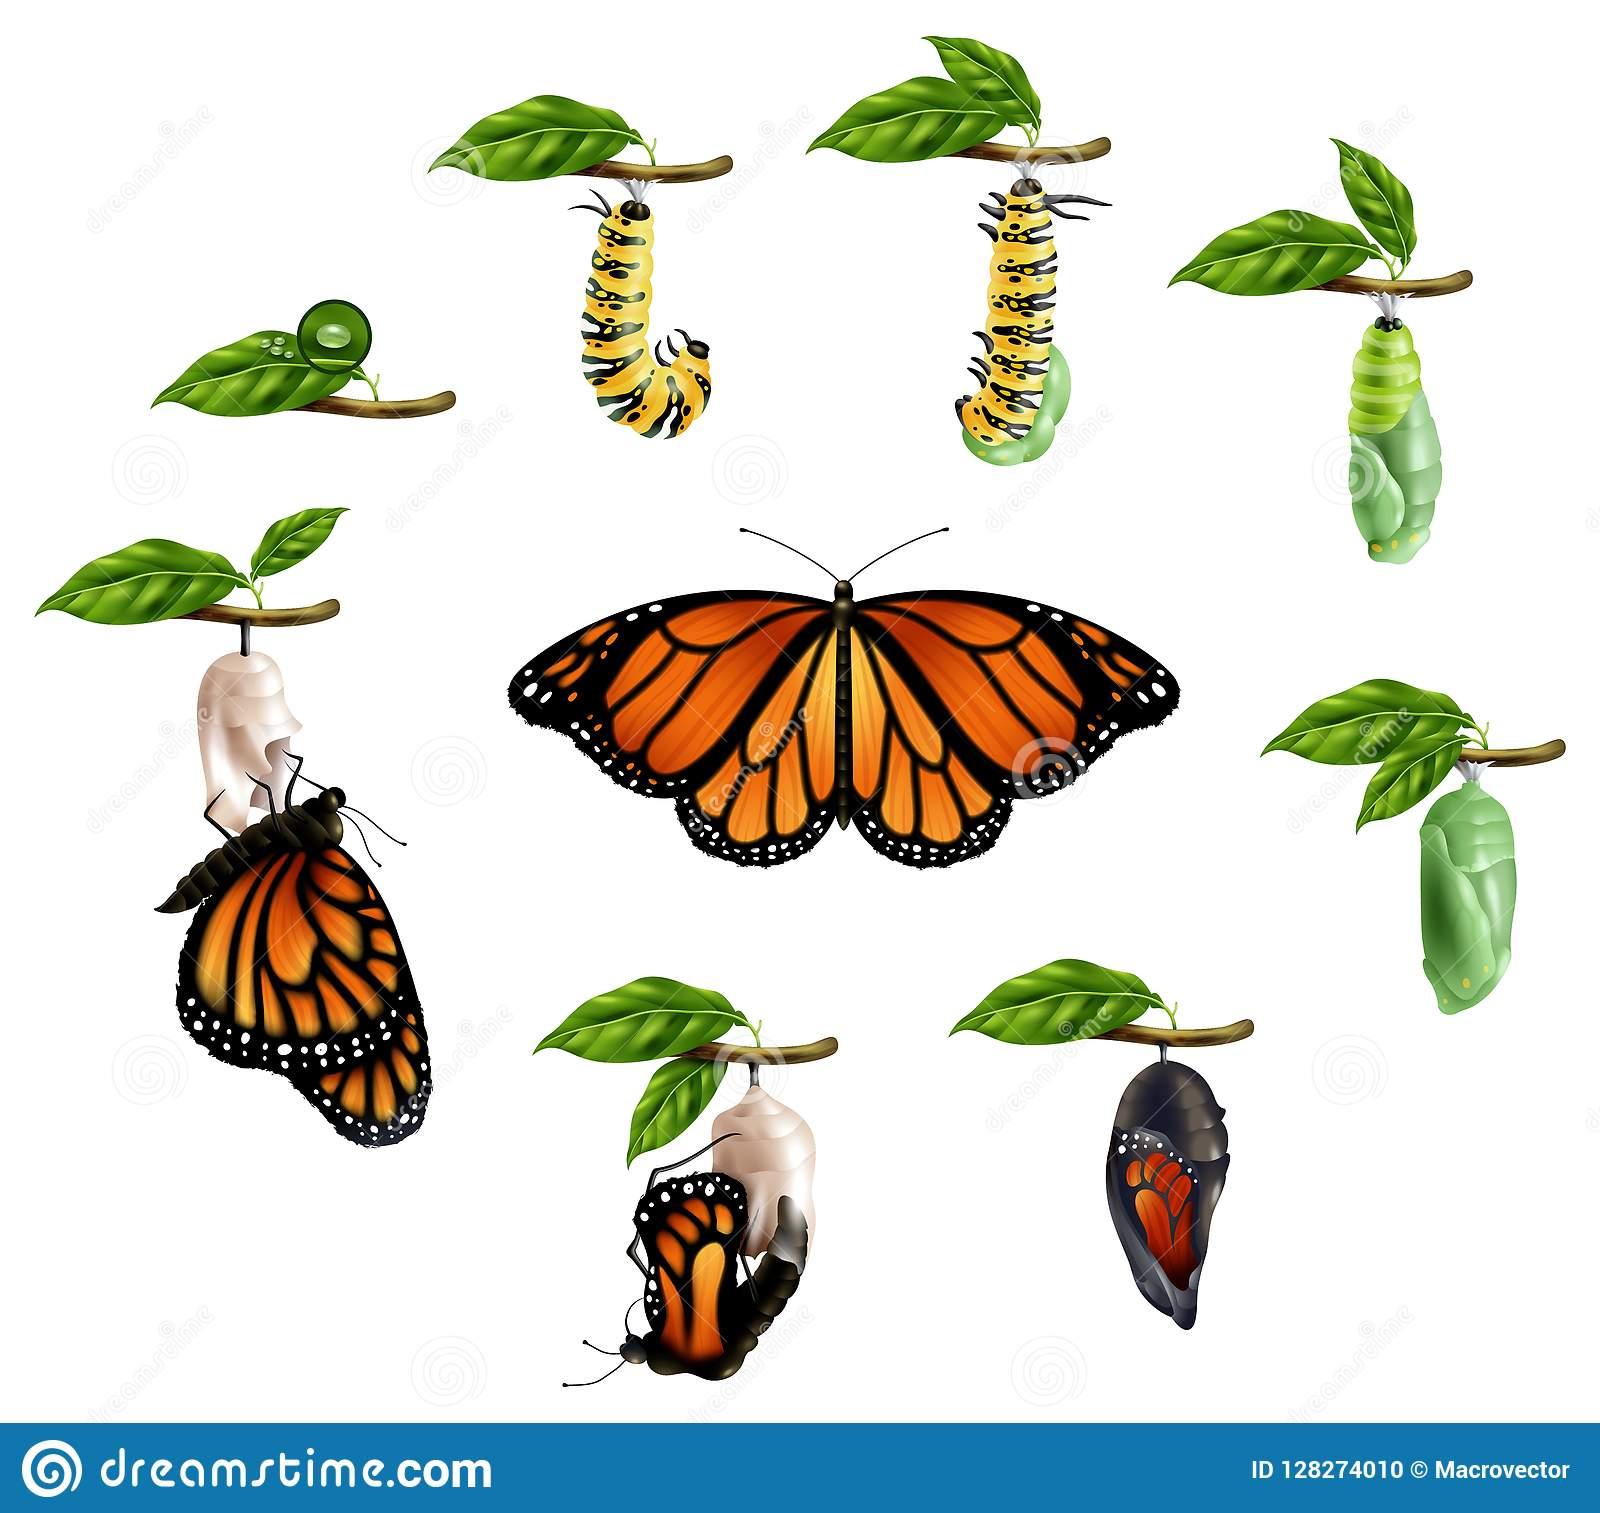 Cycle De Vie D'ensemble Réaliste De Papillon Illustration De tout Cycle De Vie D Une Chenille